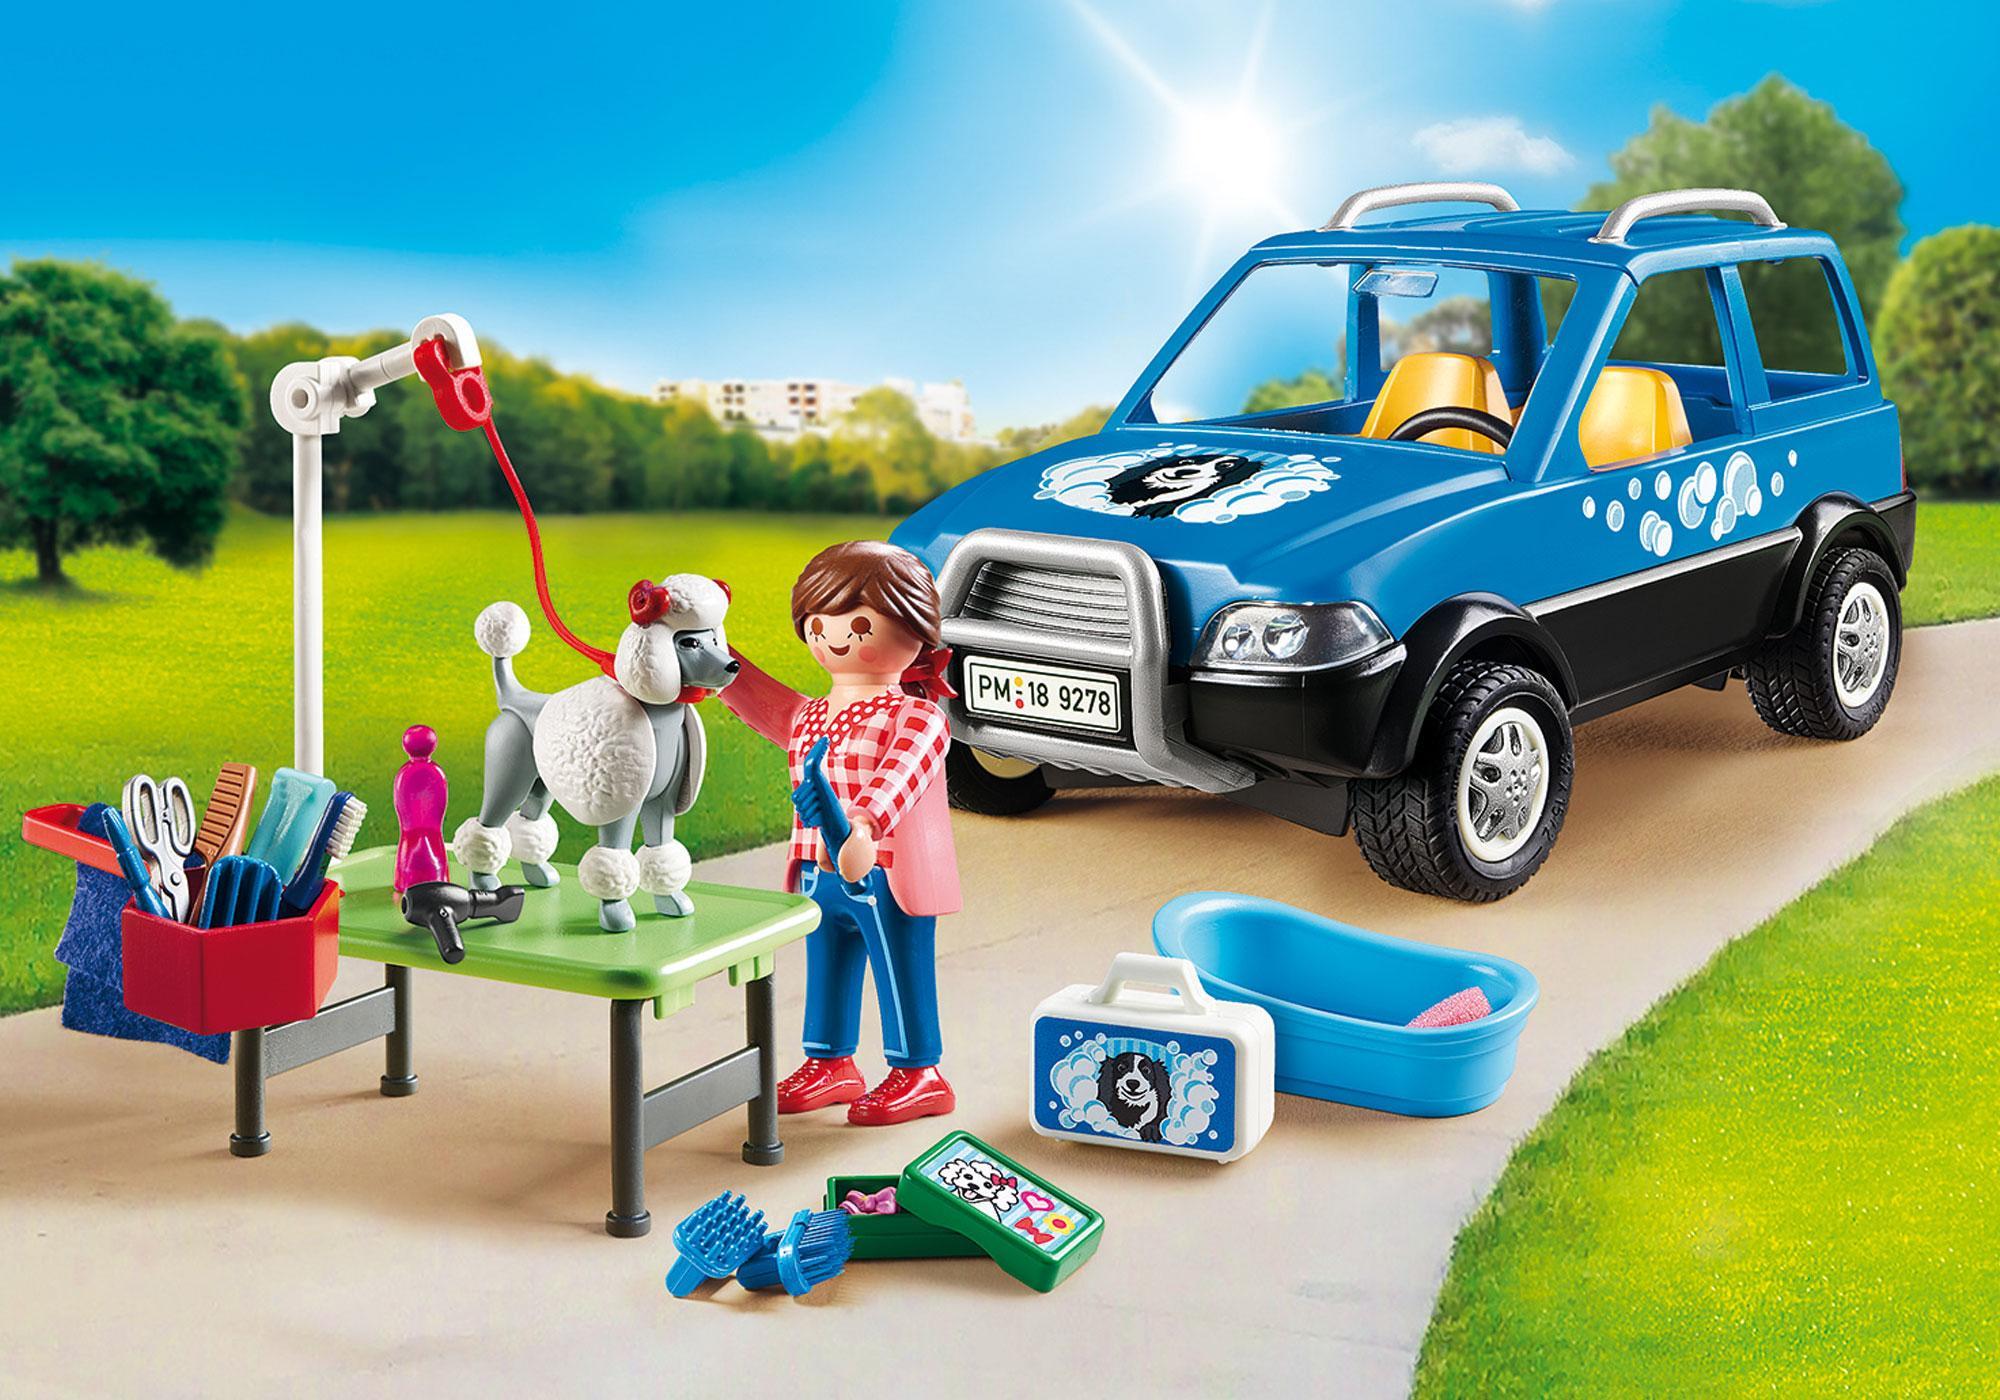 http://media.playmobil.com/i/playmobil/9278_product_detail/Mobil hundesalon